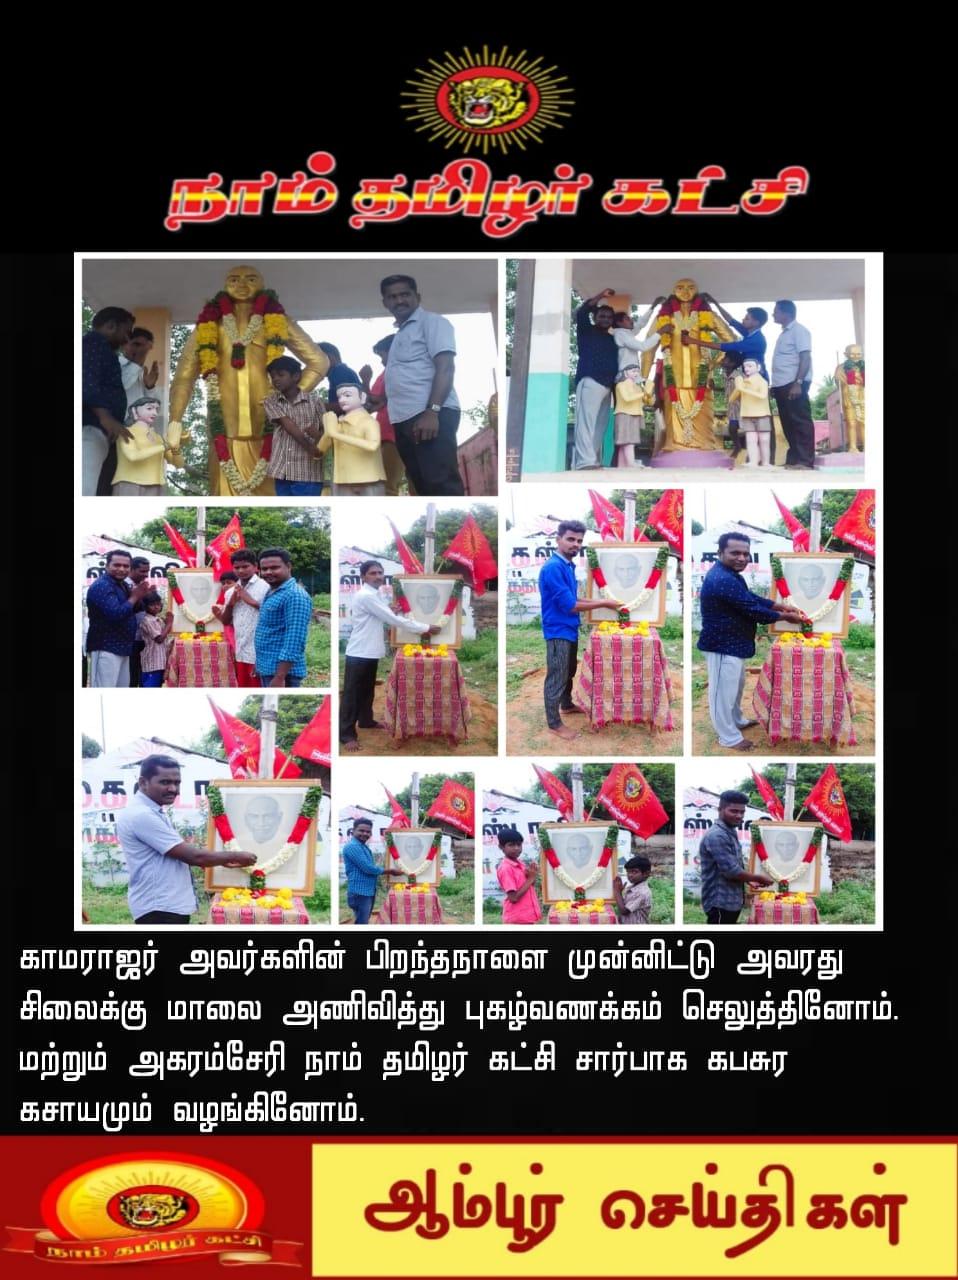 ஐயா காமராசர் 118வது பிறந்தநாளை முன்னிட்டு  ஆதரவற்ற சிறார்களுக்கு  உணவு வழங்கப்பட்டது - ஆலந்தூர்